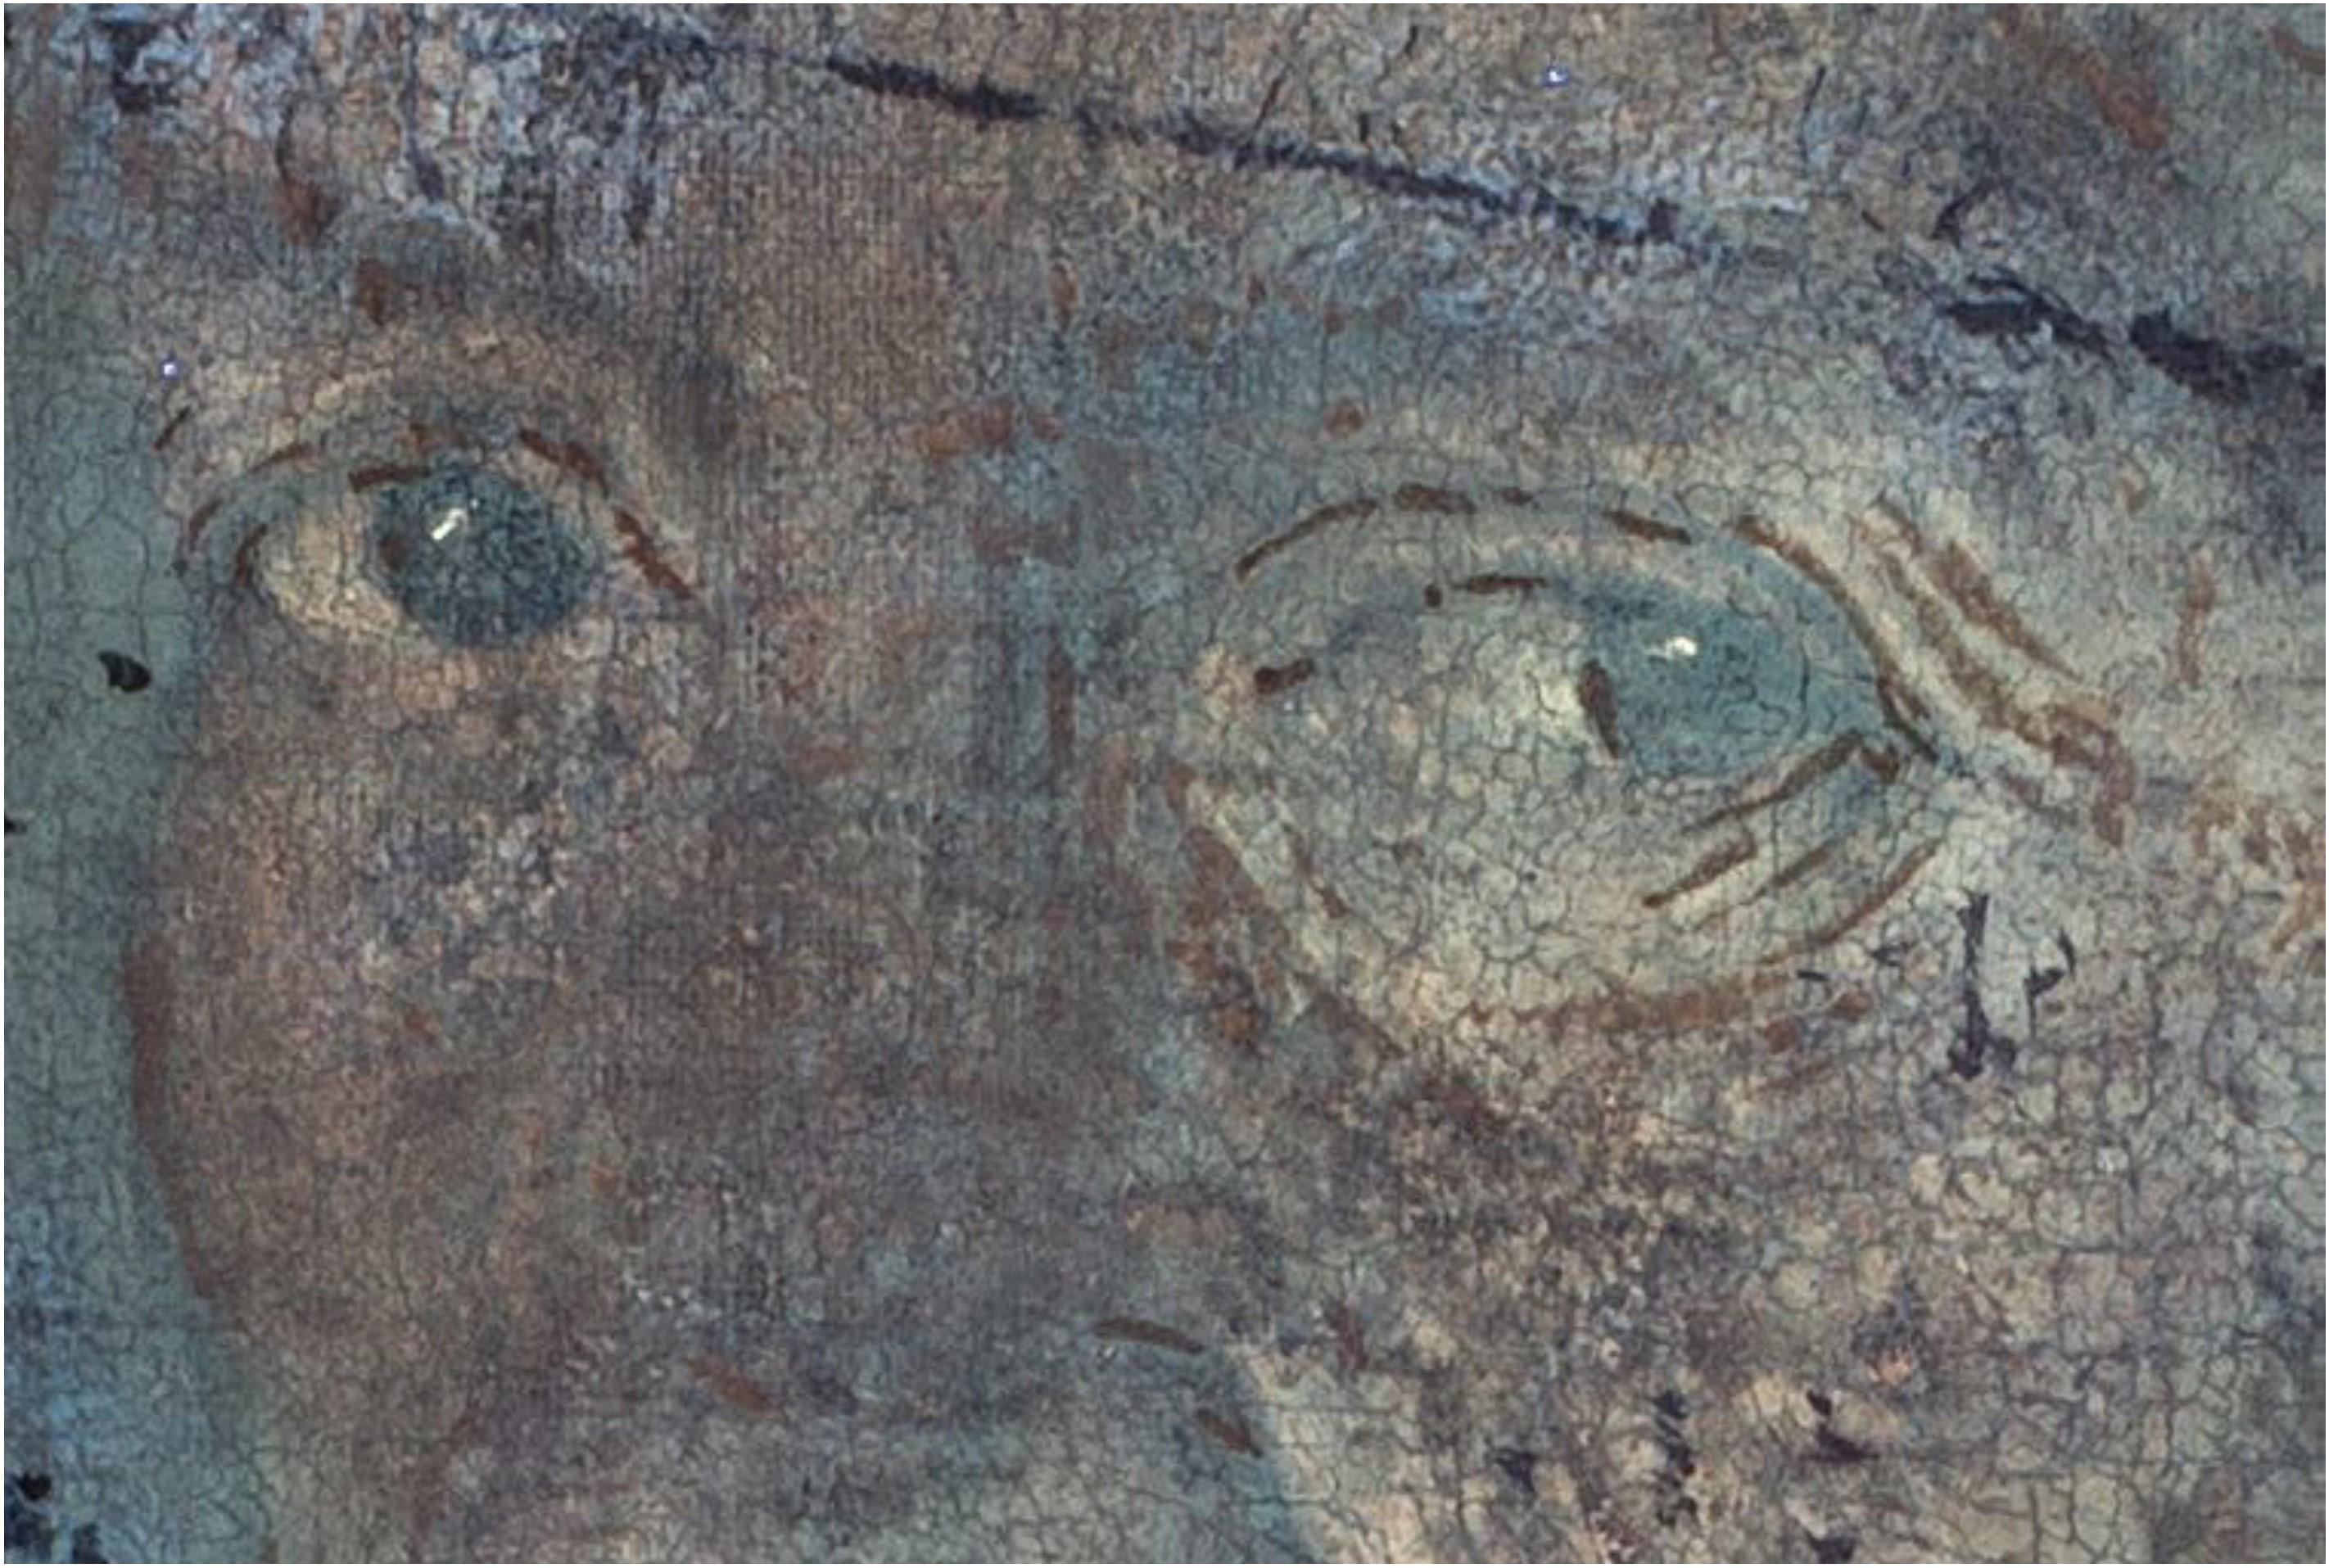 Giorgione, La Vecchia, macrofotografie degli occhi in UV